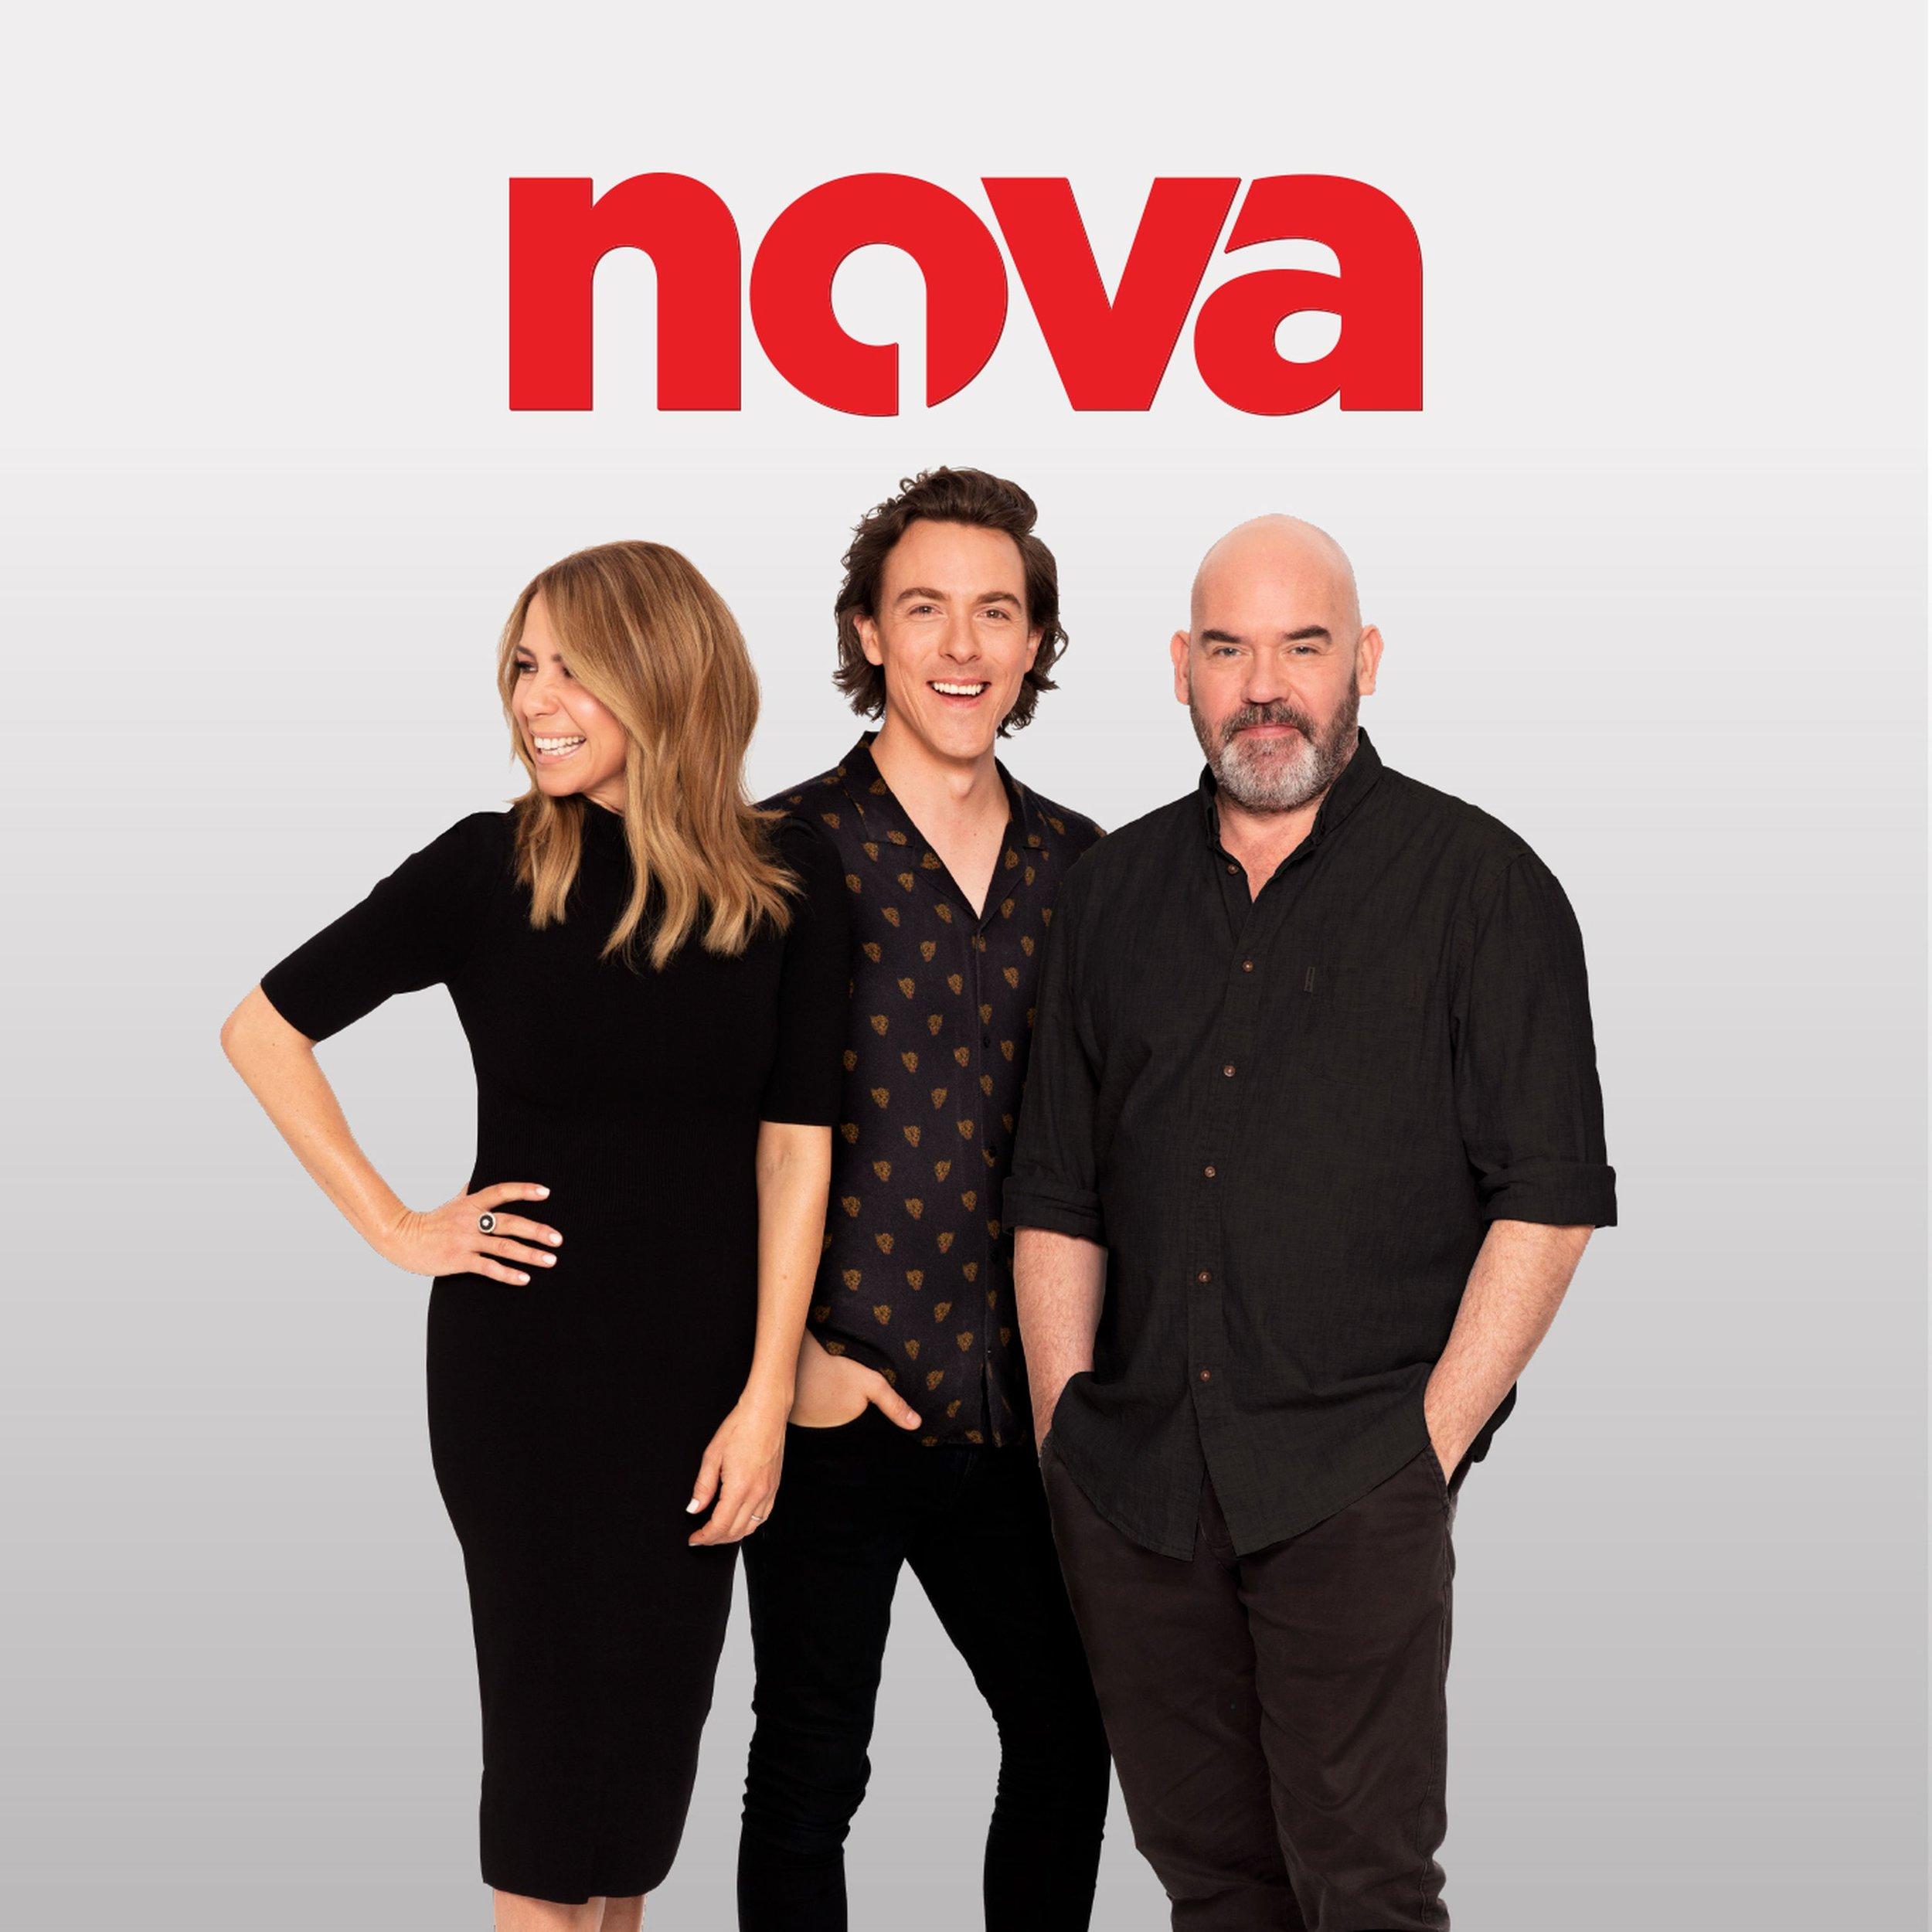 Nova+Image.jpg